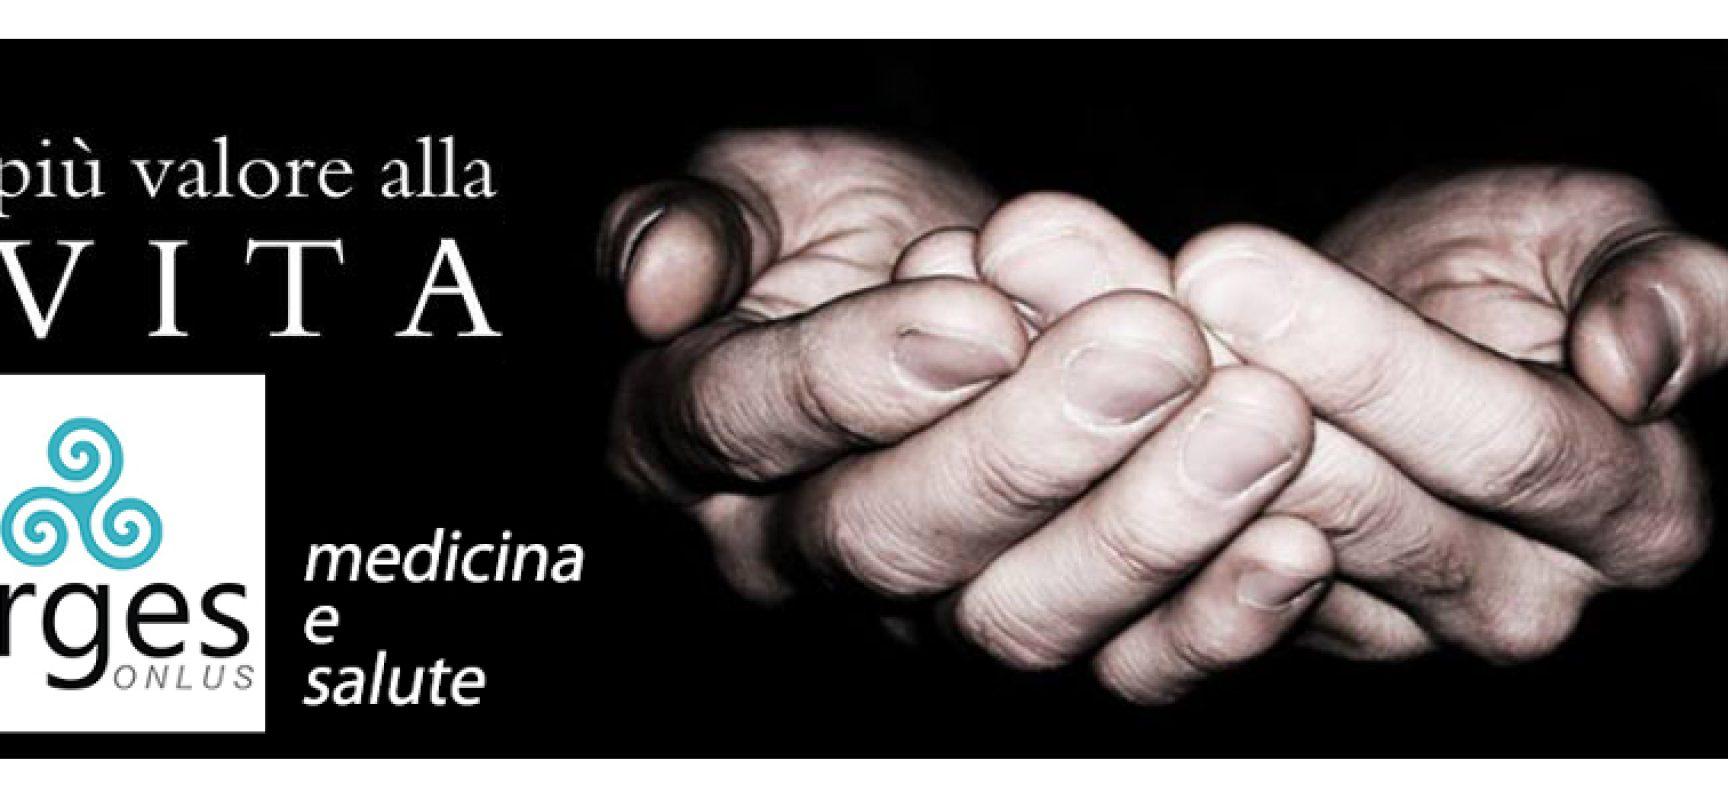 Arges onlus in piazza a Bisceglie, raccolta fondi per assistenza a pazienti affetti da tumori